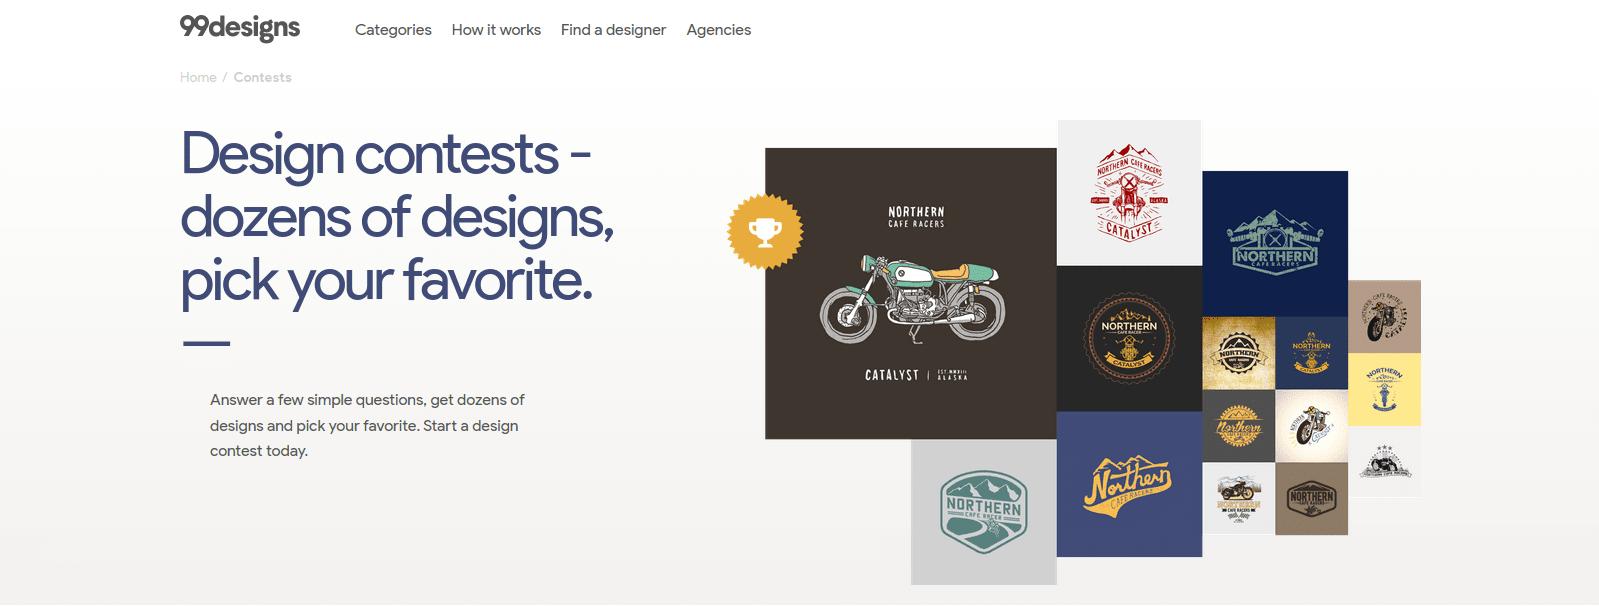 Mengikuti kontes desain bisa jadi cara mendapatkan uang dari internet yang baik.